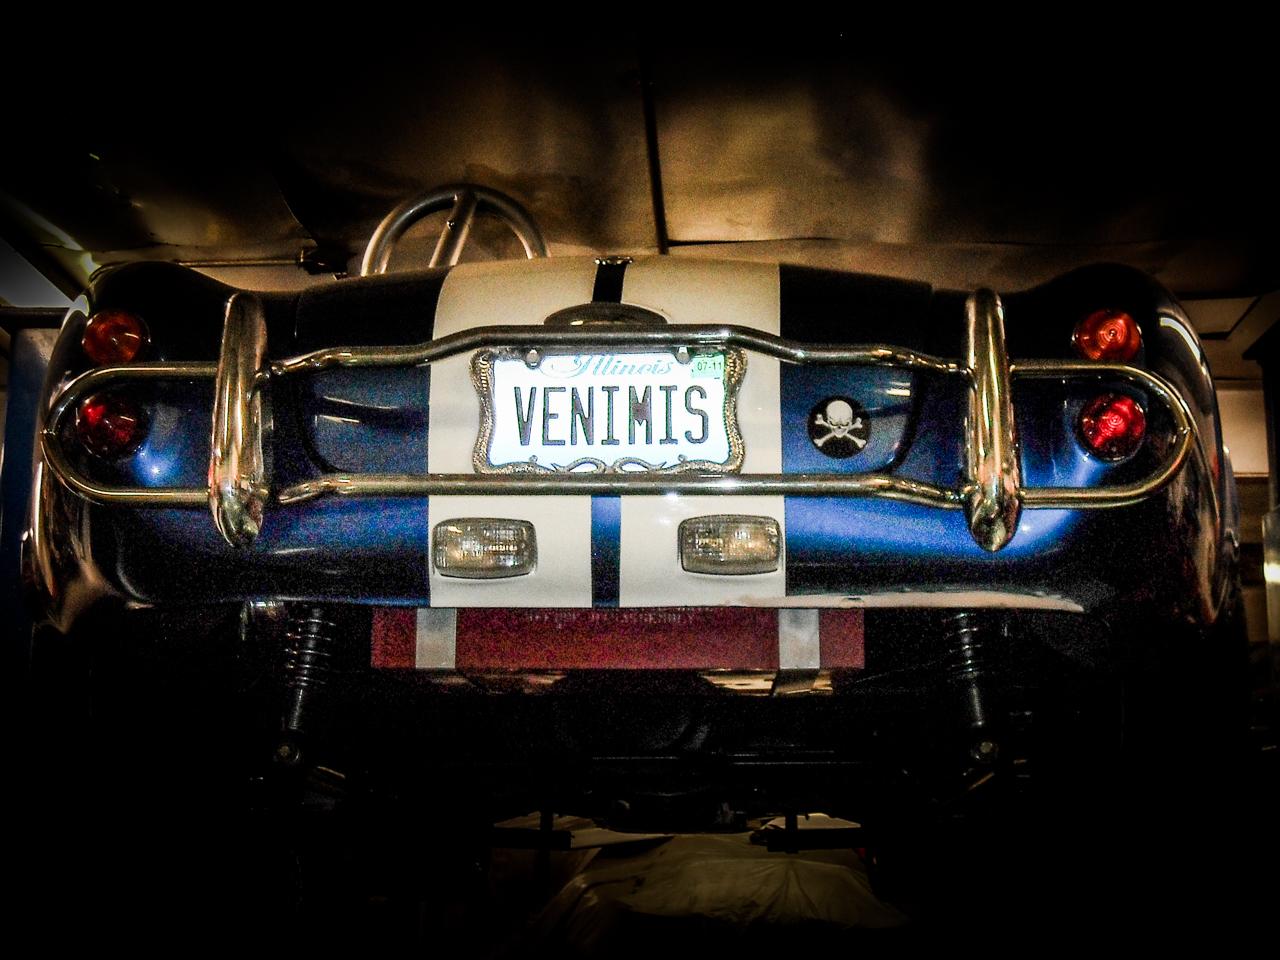 2011-04-30-Gallery01-2.jpg